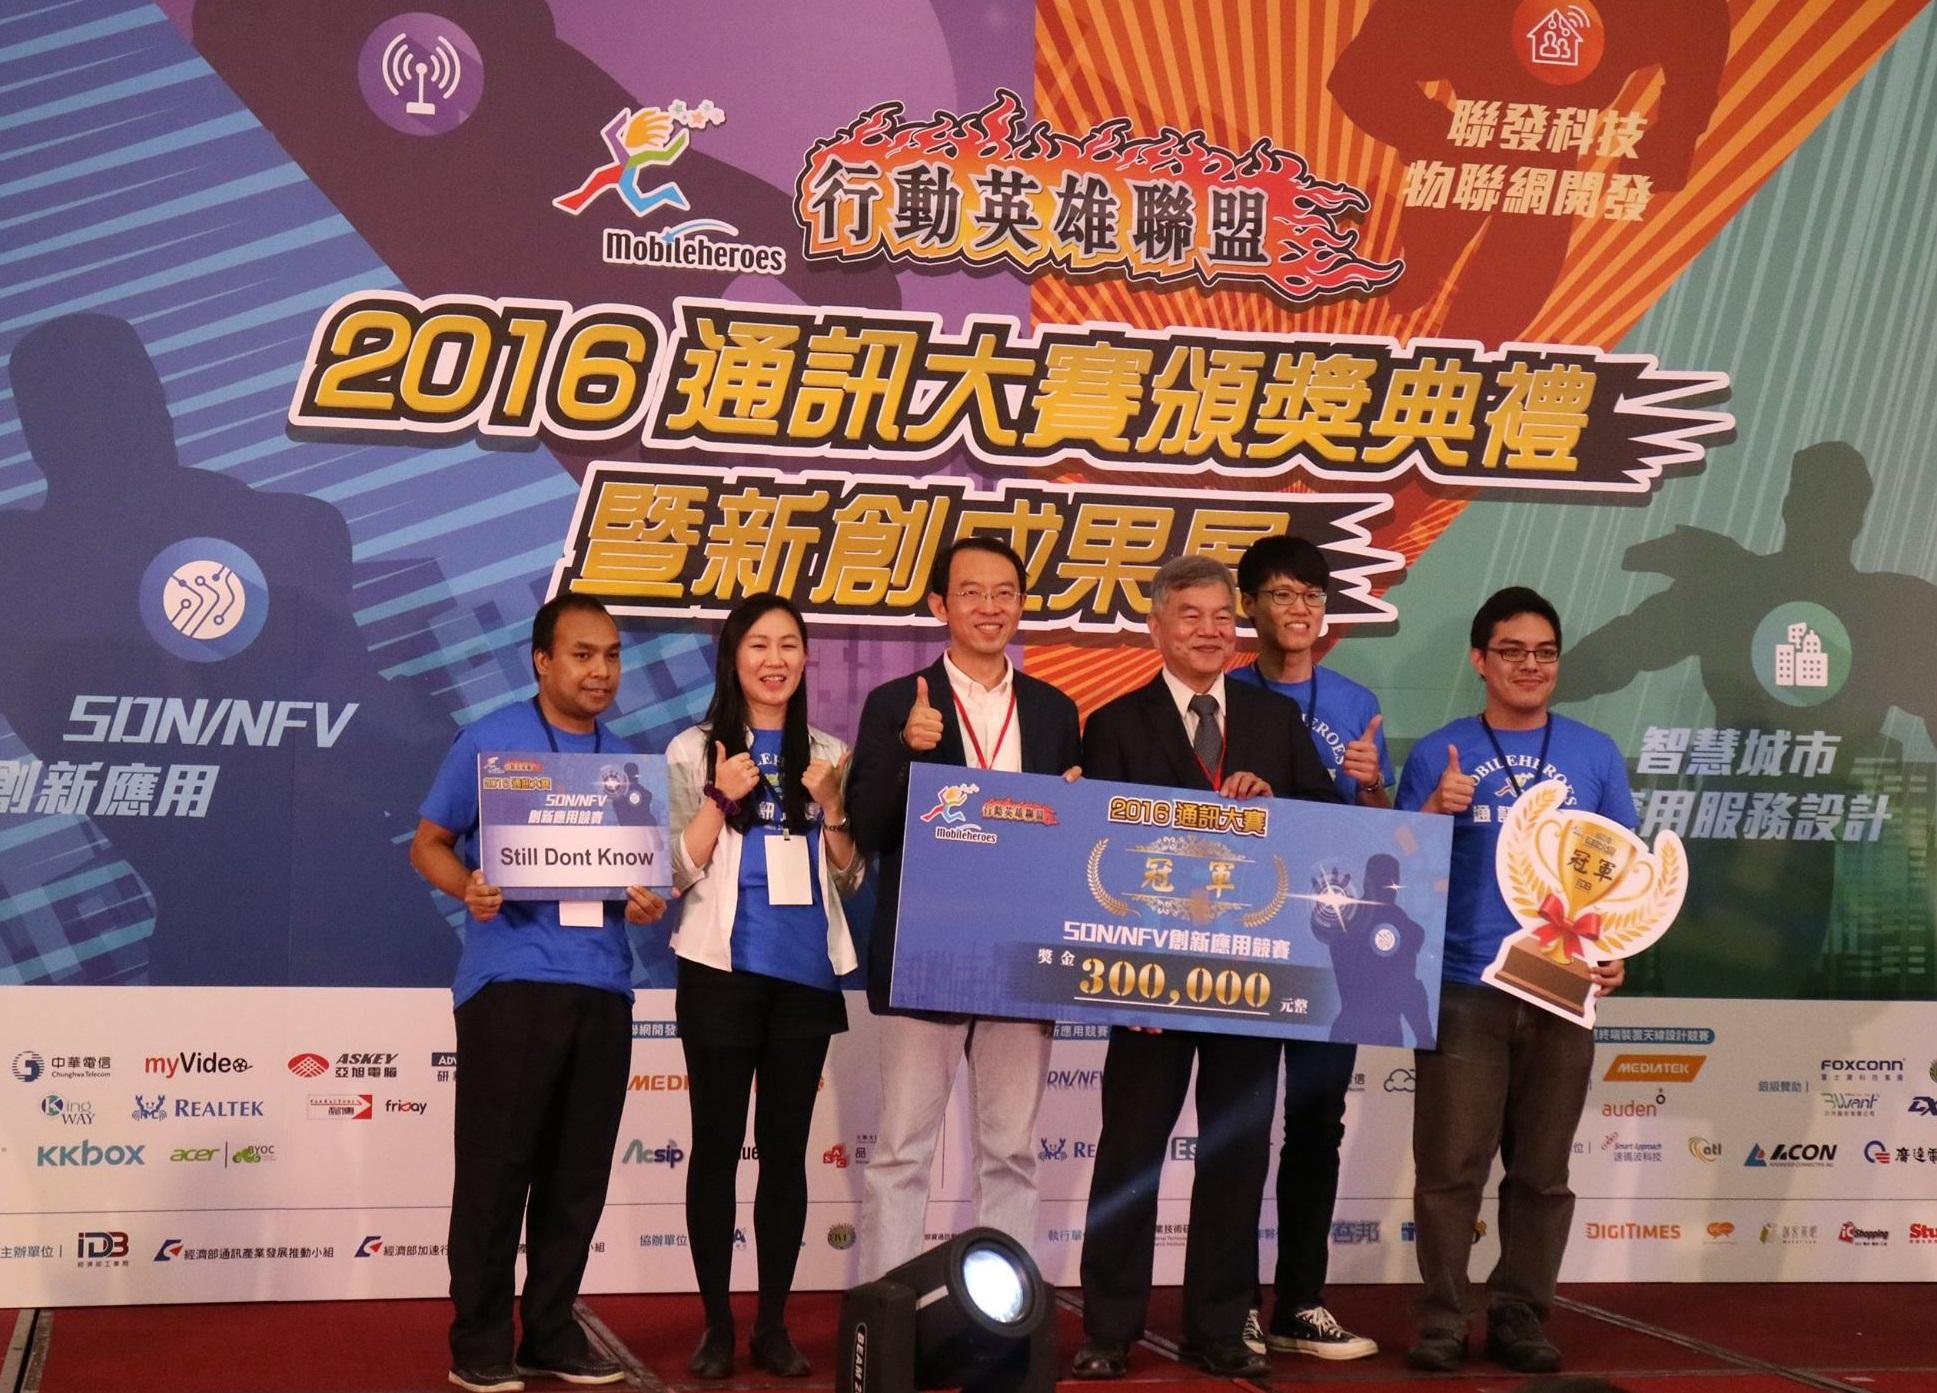 中原大學勇奪2016全國通訊大賽首獎 學生創新研發能量獲肯定